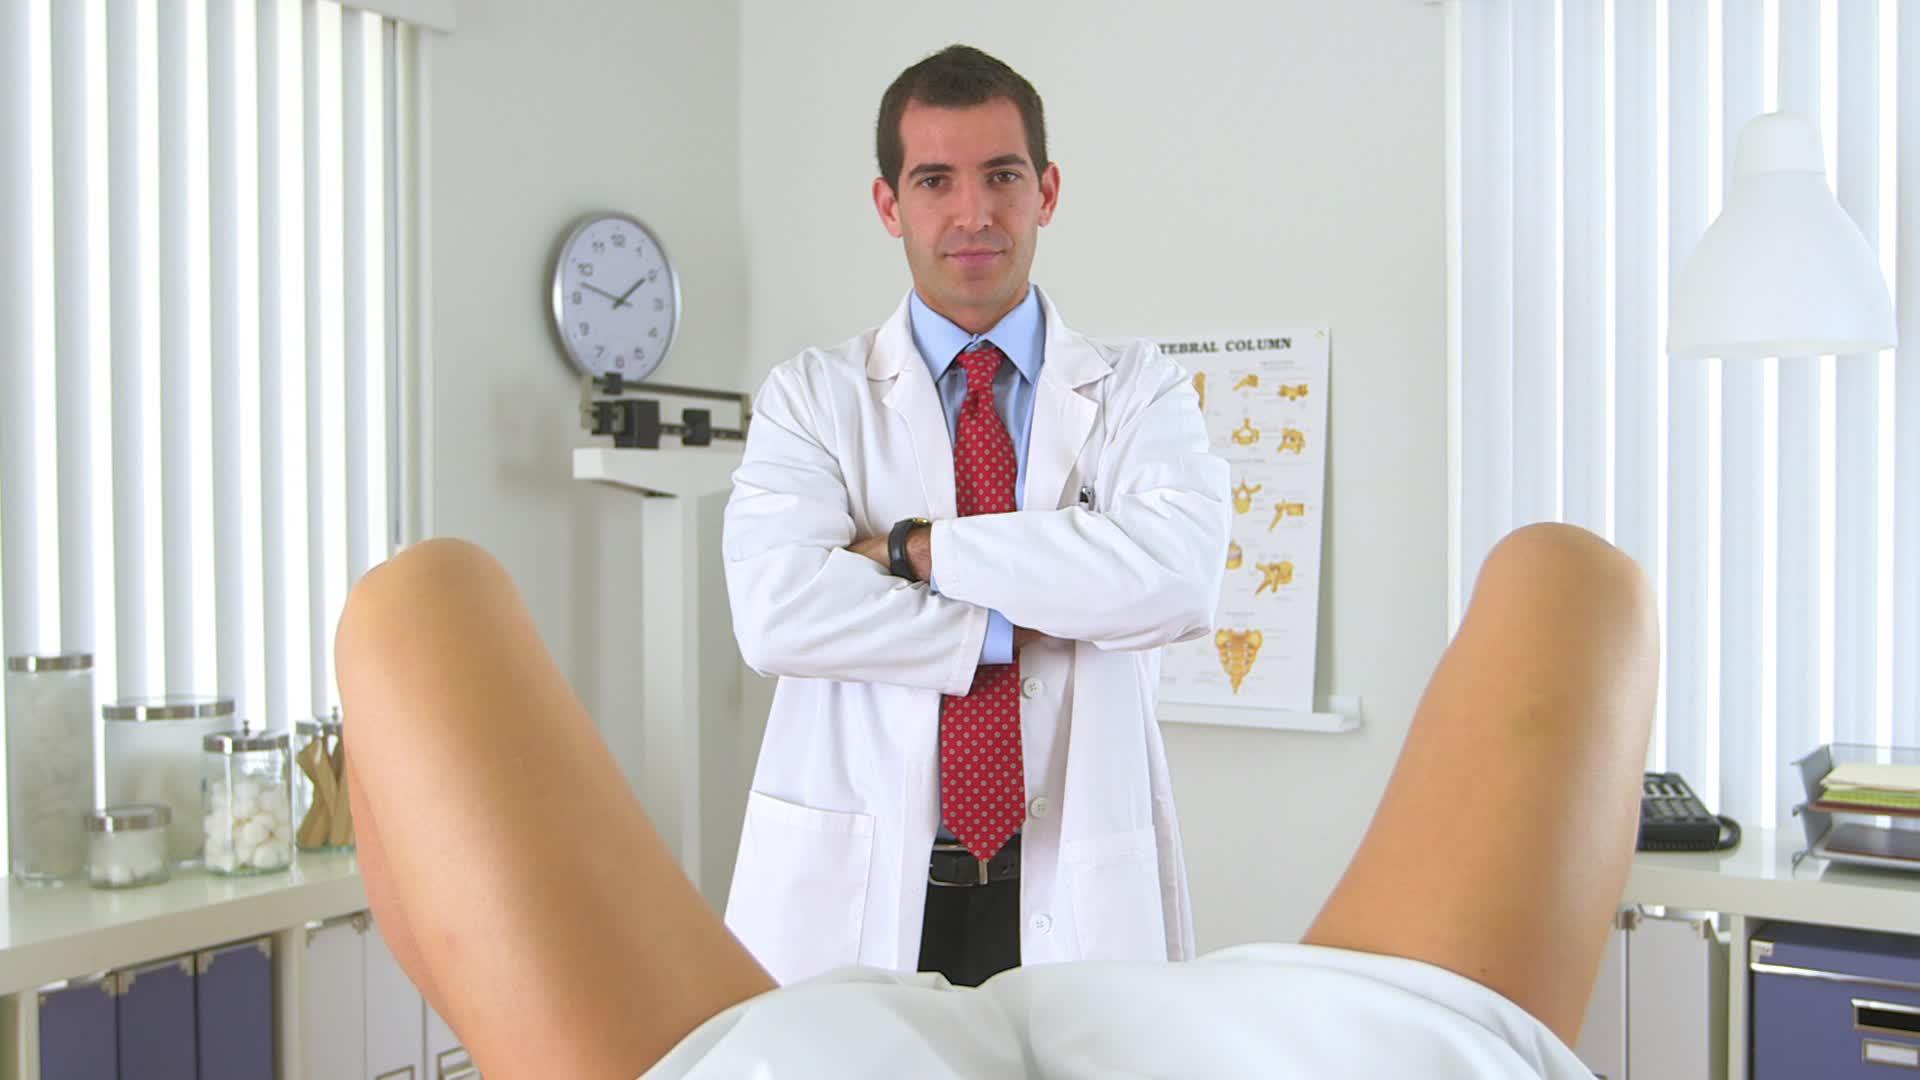 Смотреть онлайн без регистрации на осмотре у японского доктора 3 фотография